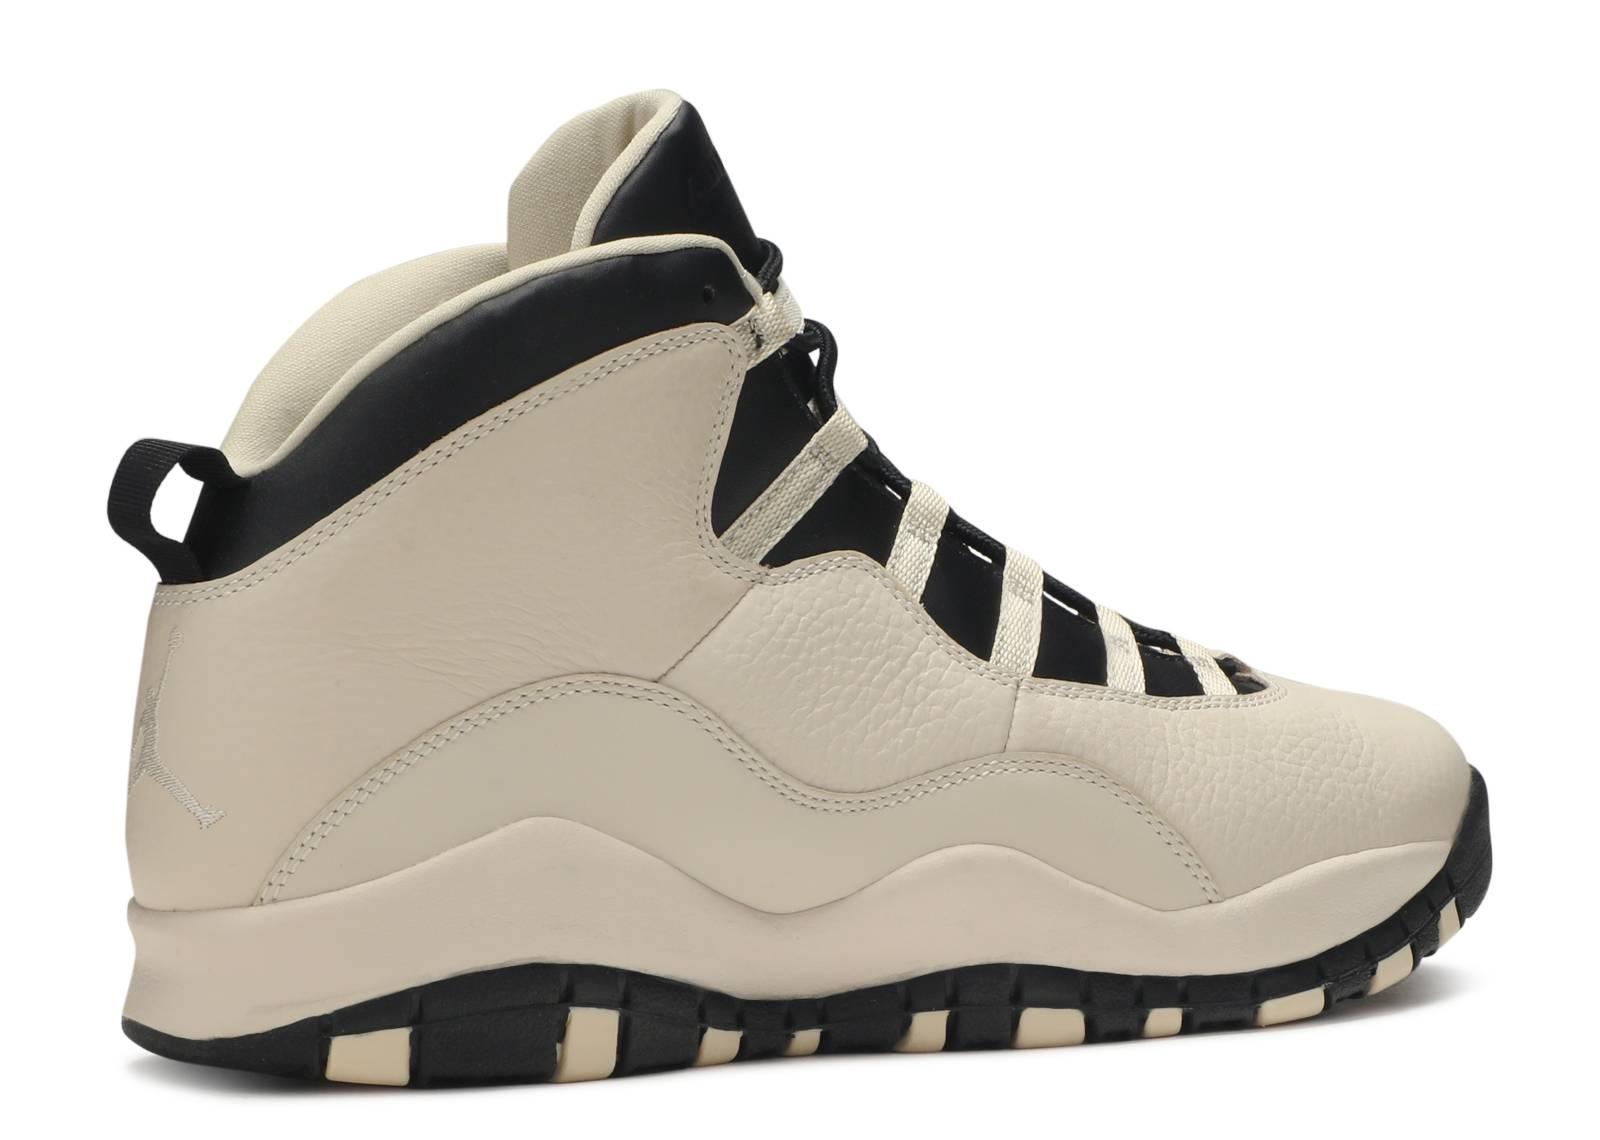 f63393104bde6e Air Jordan 10 Retro Prem Gg (gs)